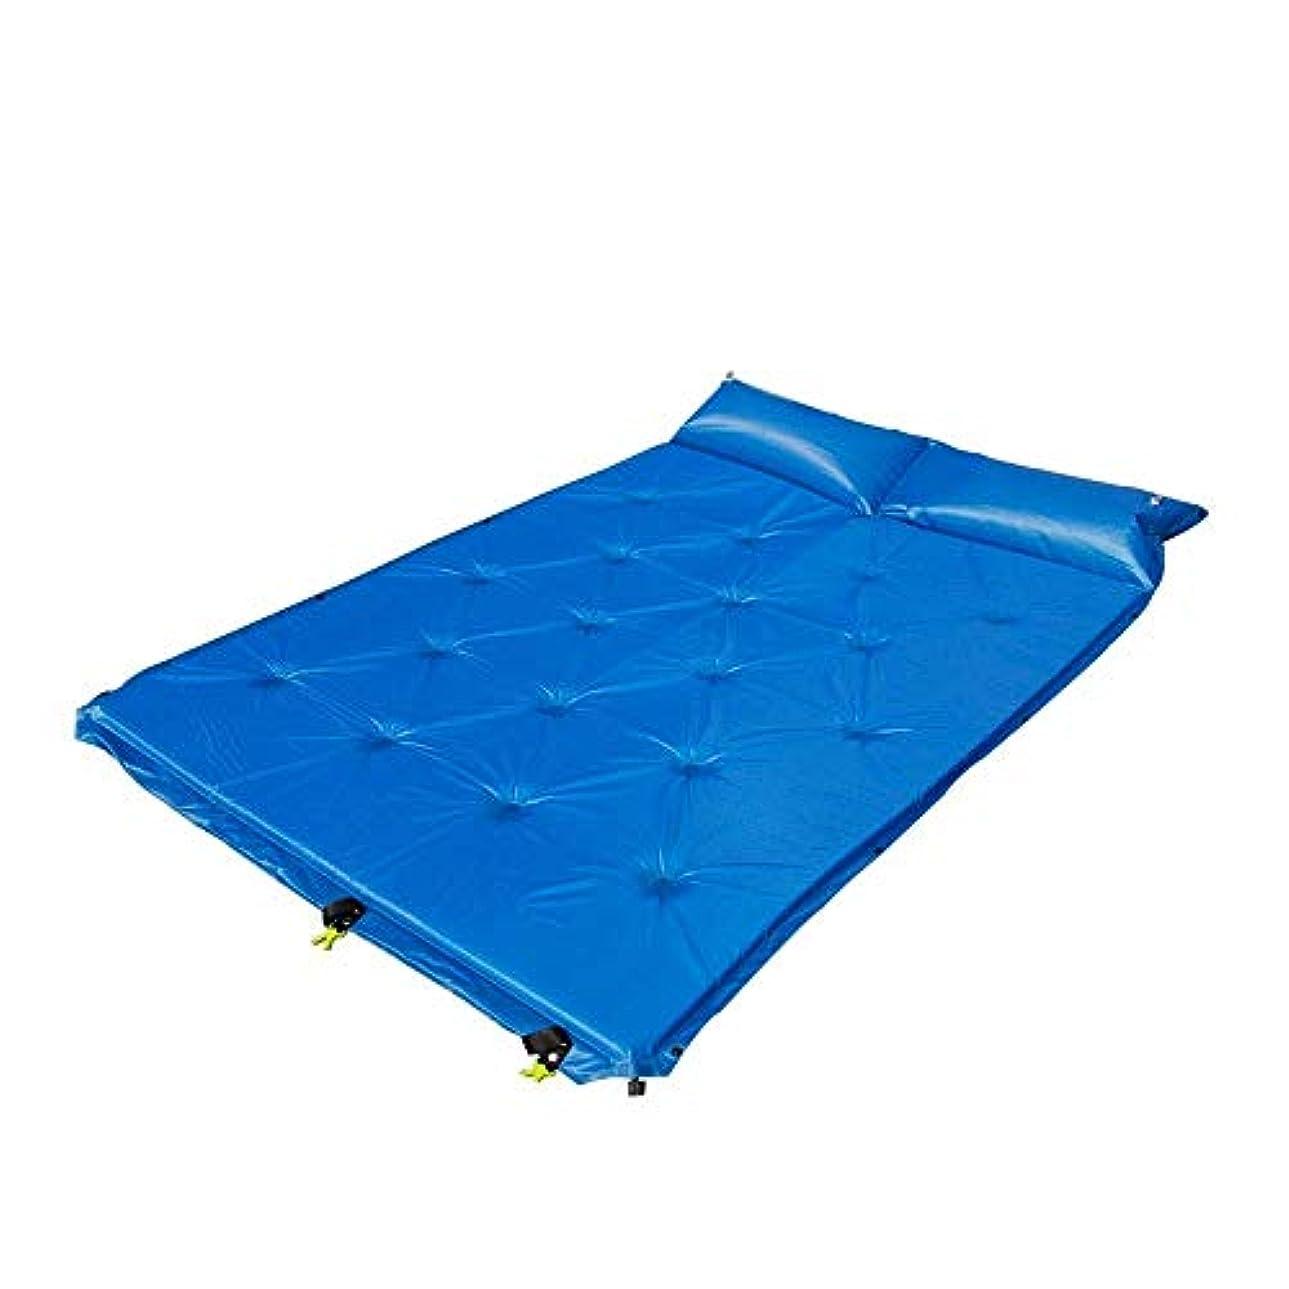 電気陽性邪魔する成功するZAQXSW 自動インフレータブルクッションアウトドアトラベルキャンプダブルスプライシング自己充填パッド (Color : Blue)